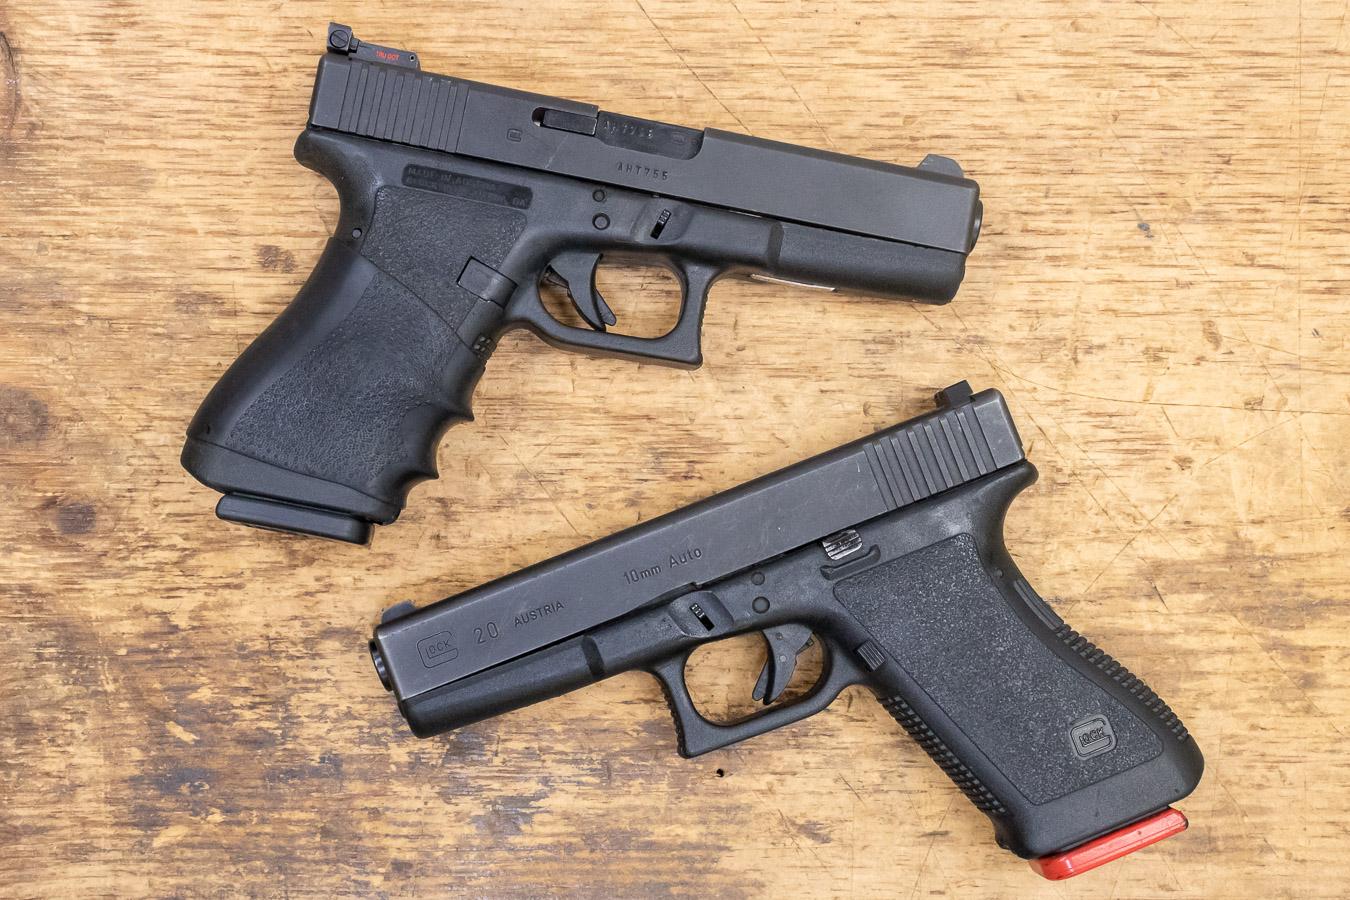 20 Gen2 10mm Police Trade-in Pistols